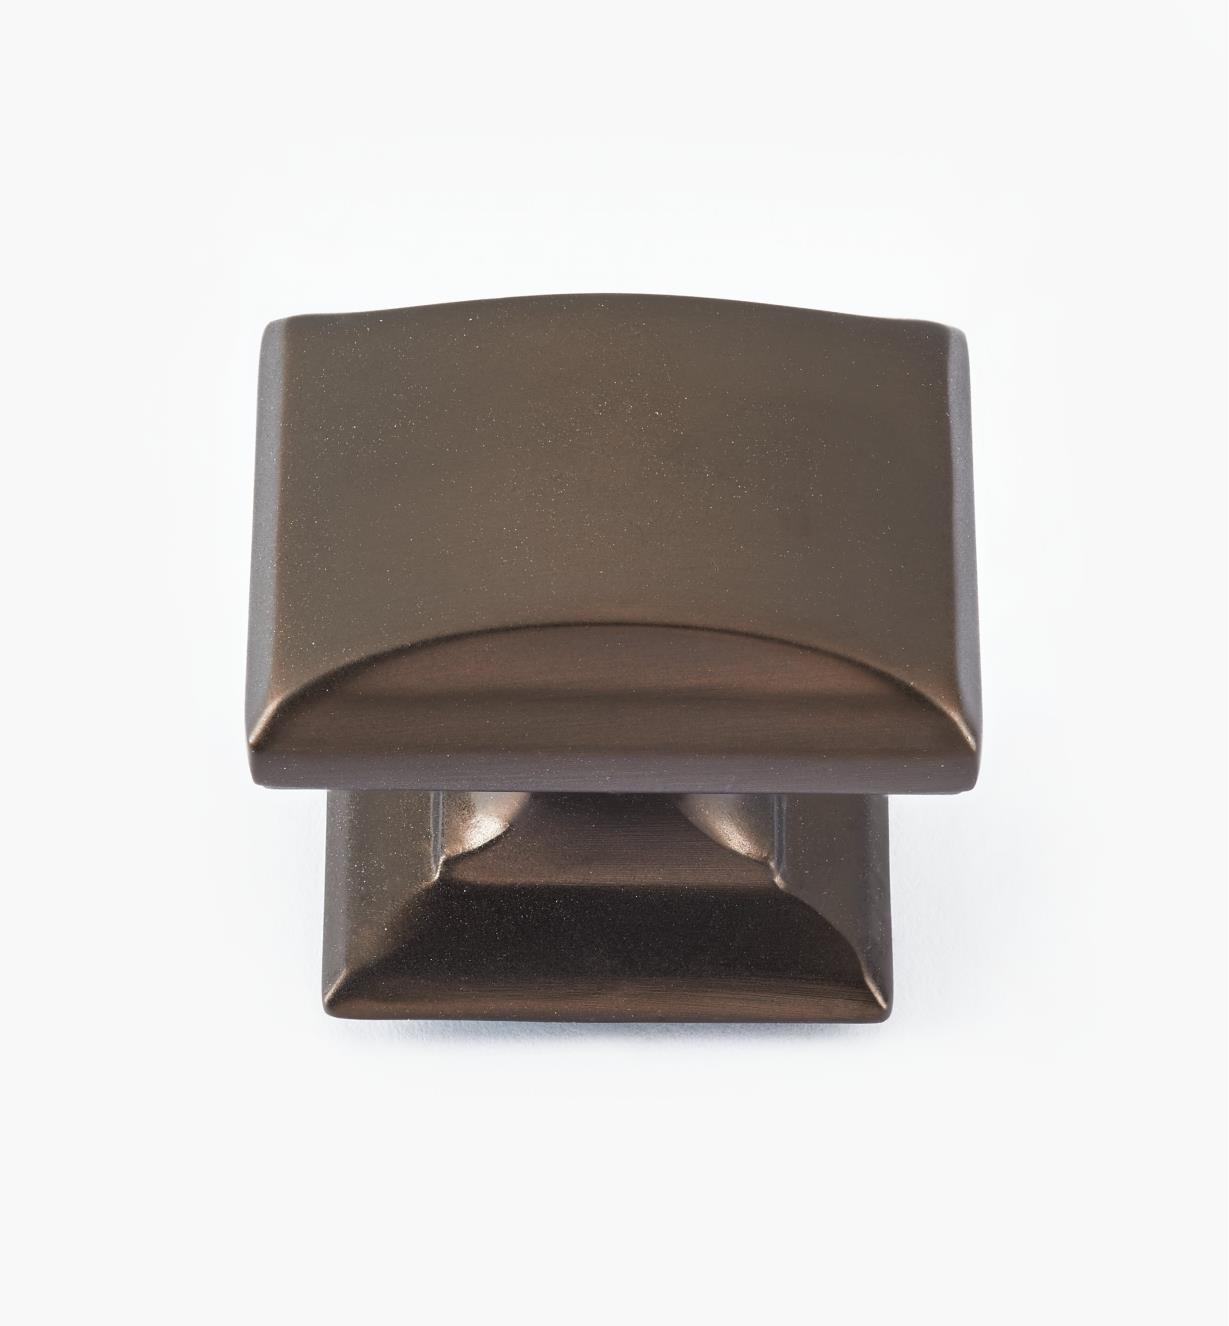 02A1960 - Bouton Candler, fini bronze cuivré,  1 1/4 po x 1 po